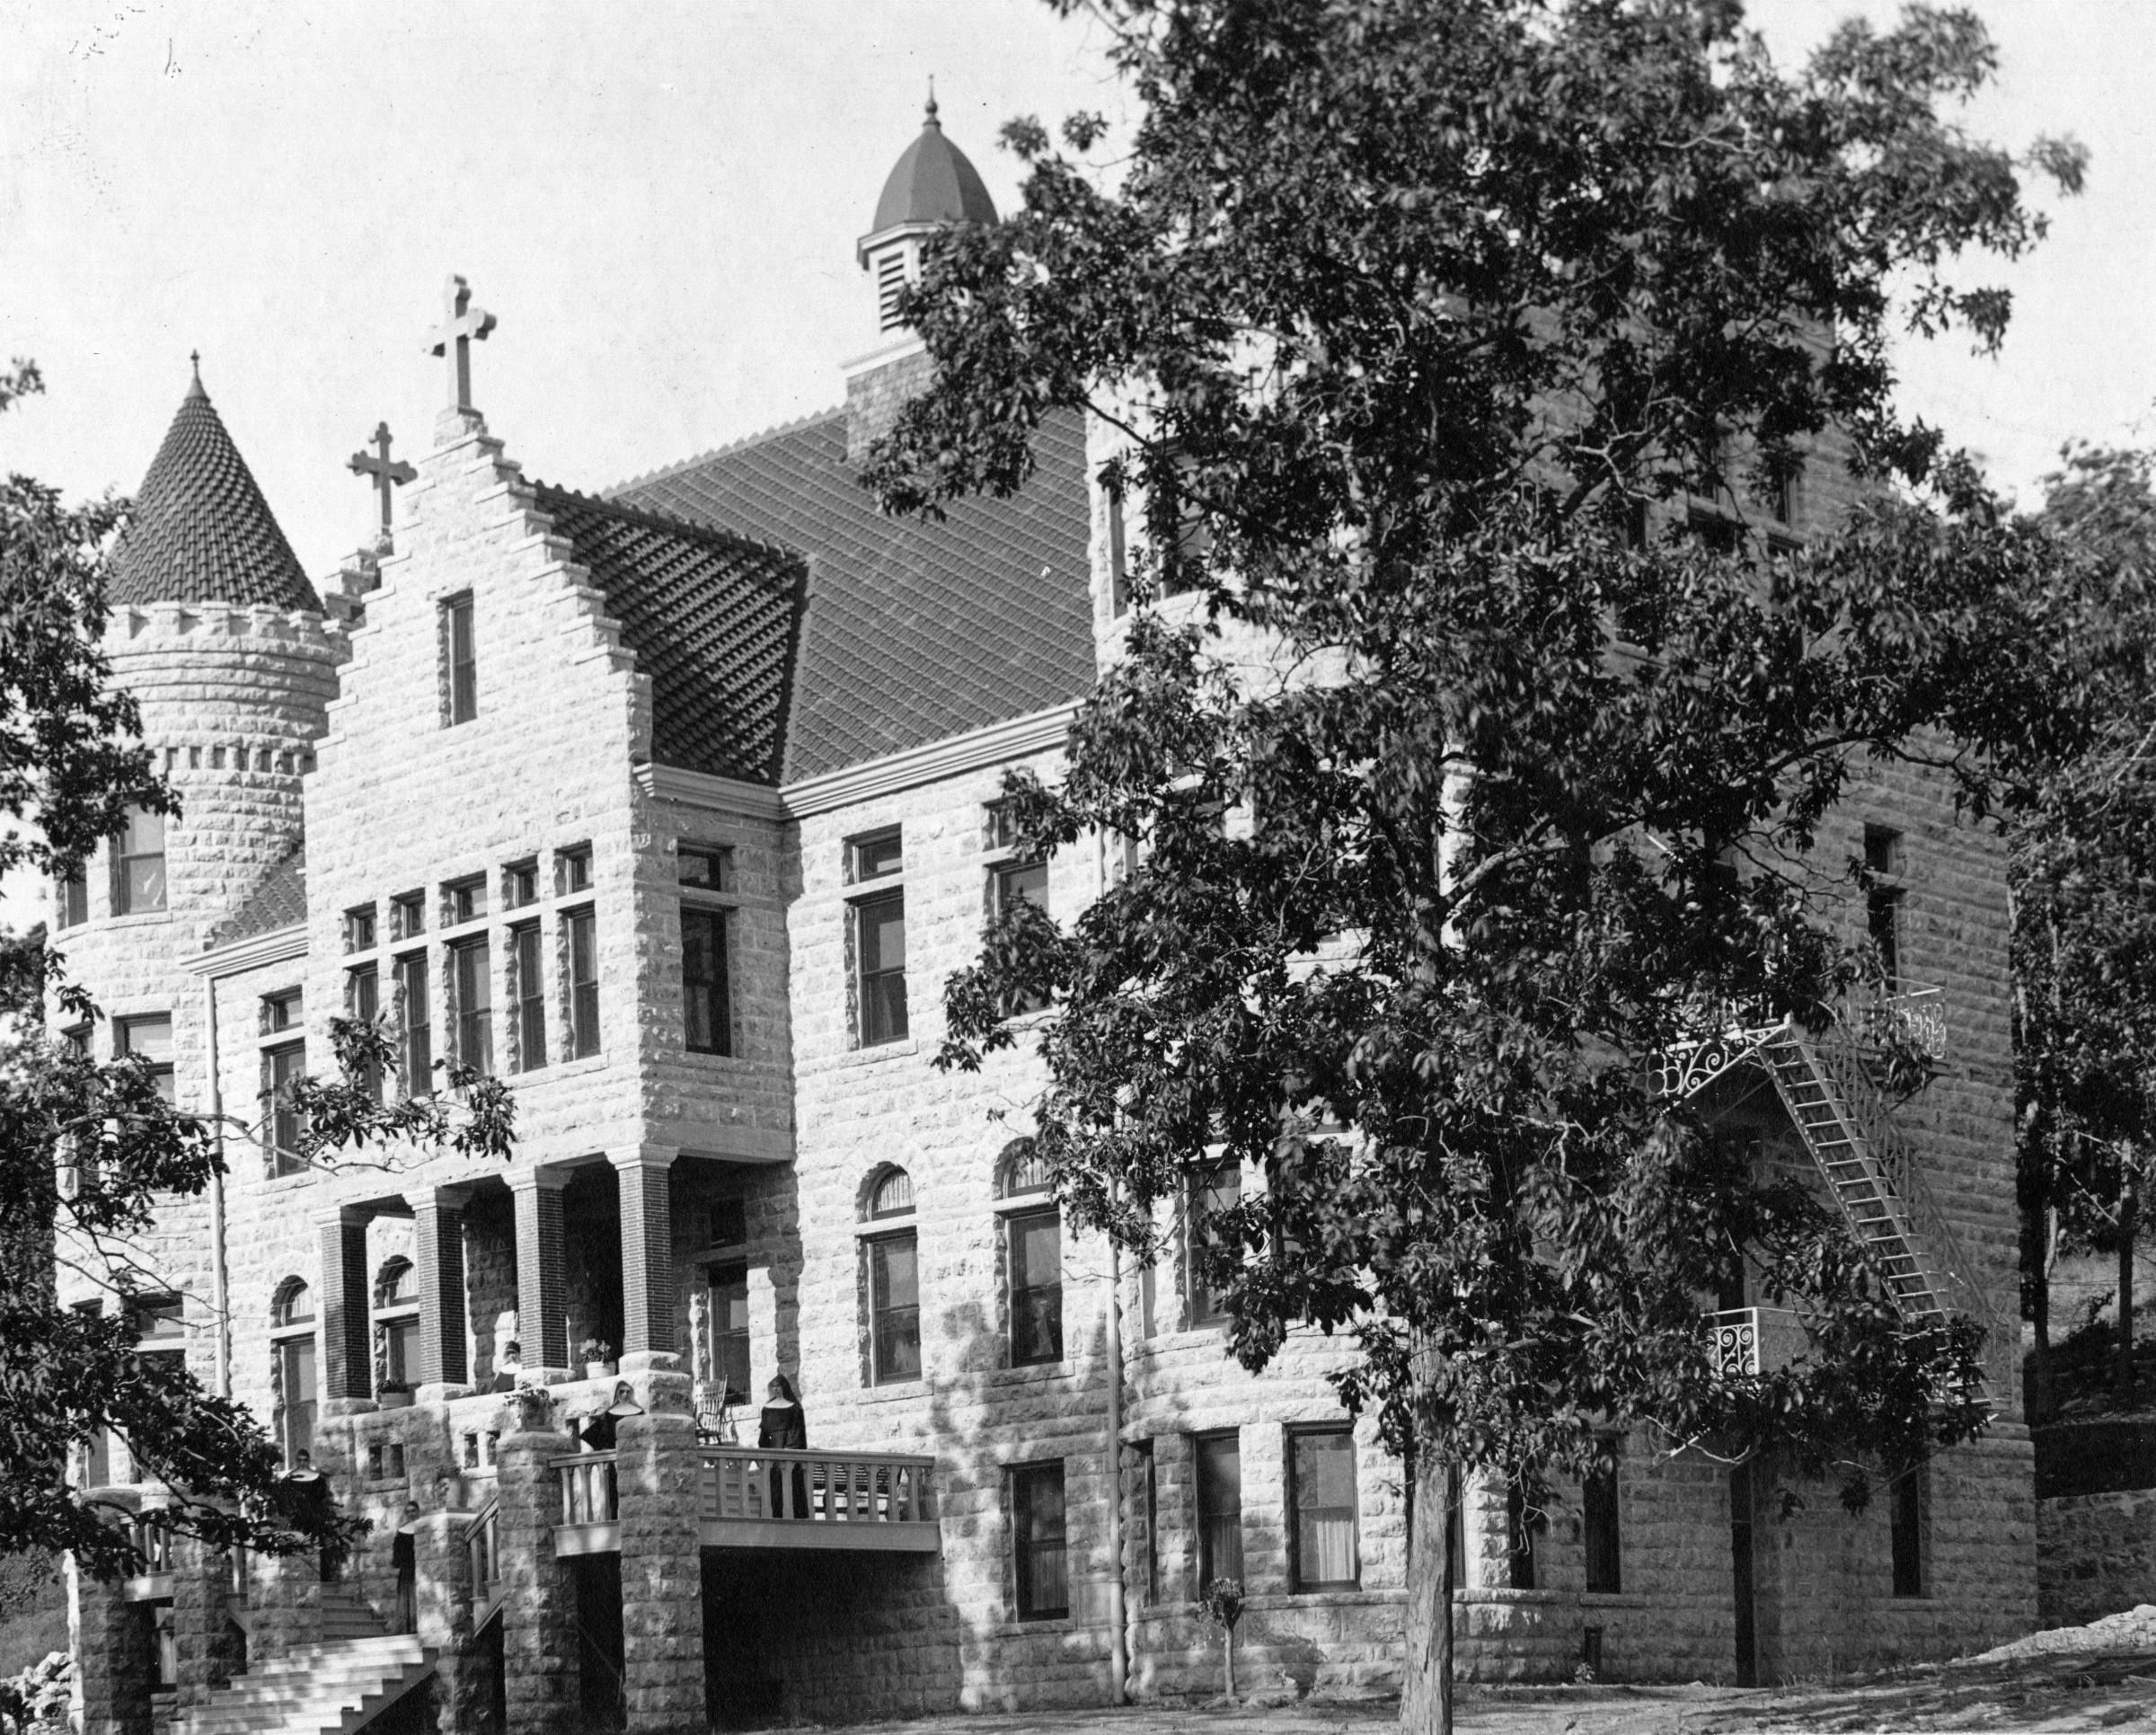 St. Mary's Springs Sanitarium, 1900s.